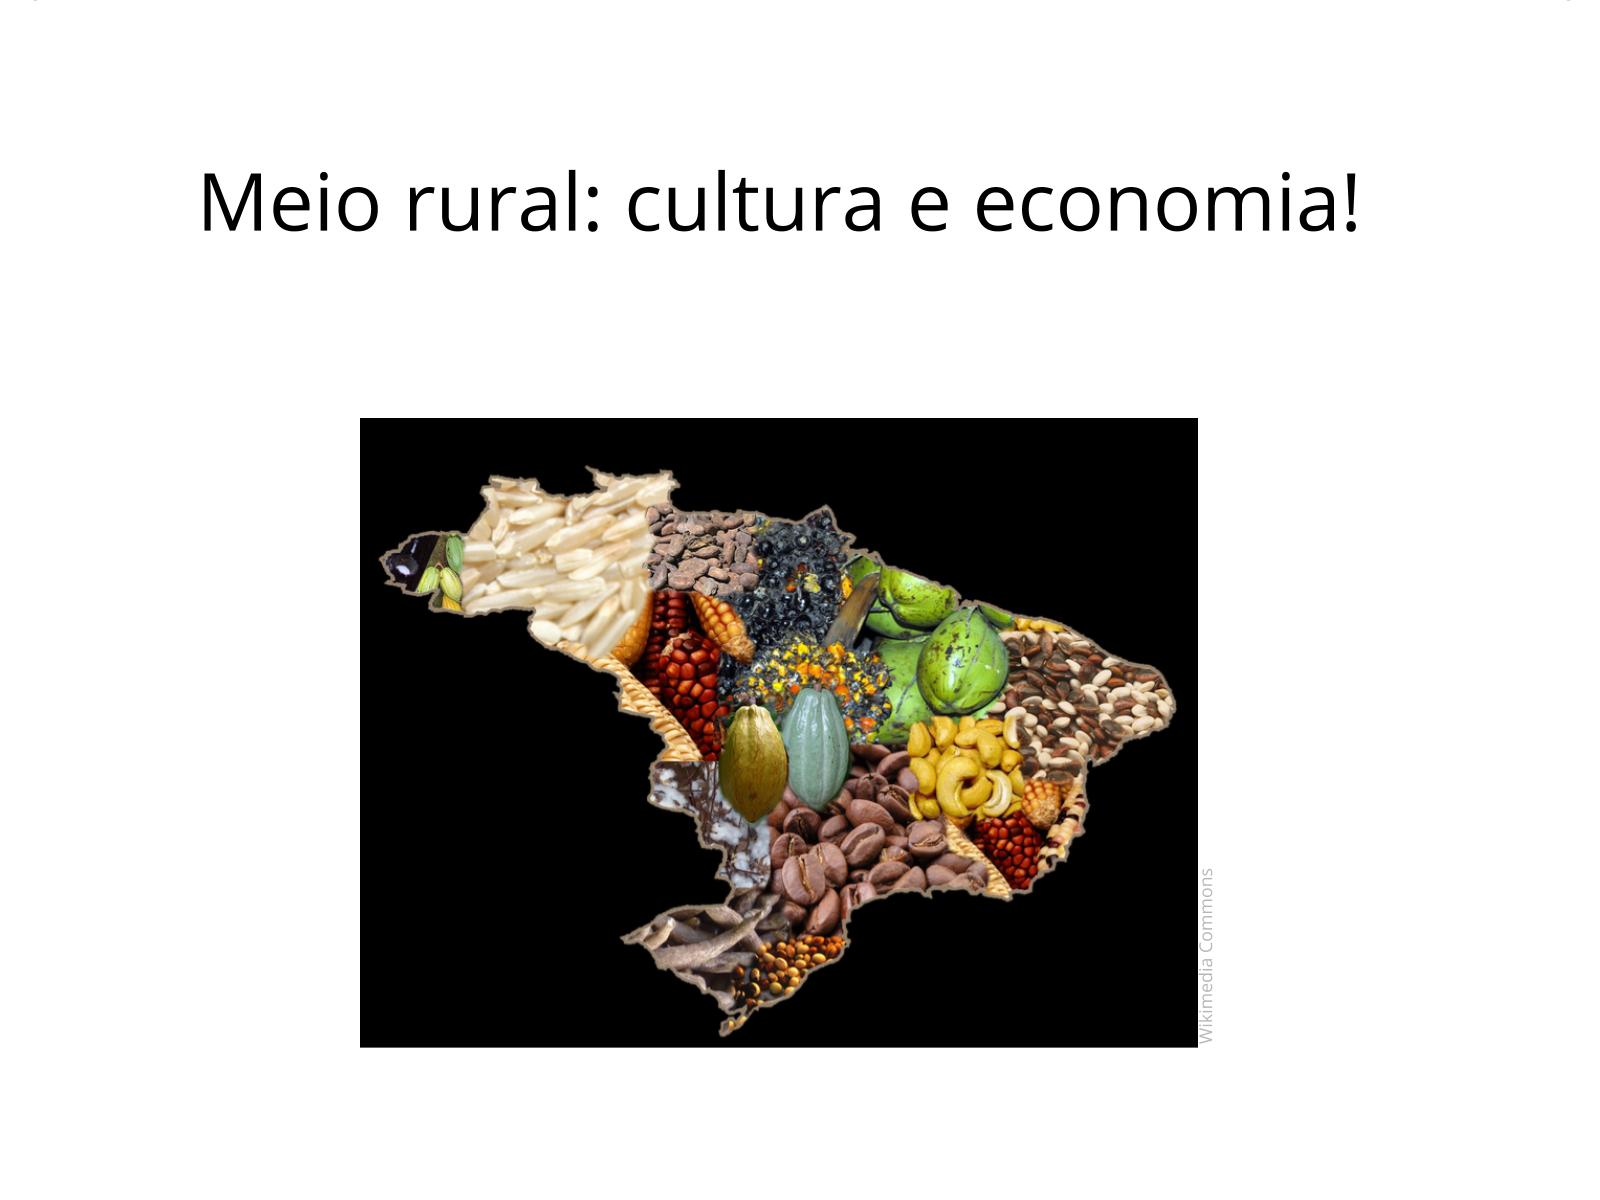 Meio rural: cultura e economia